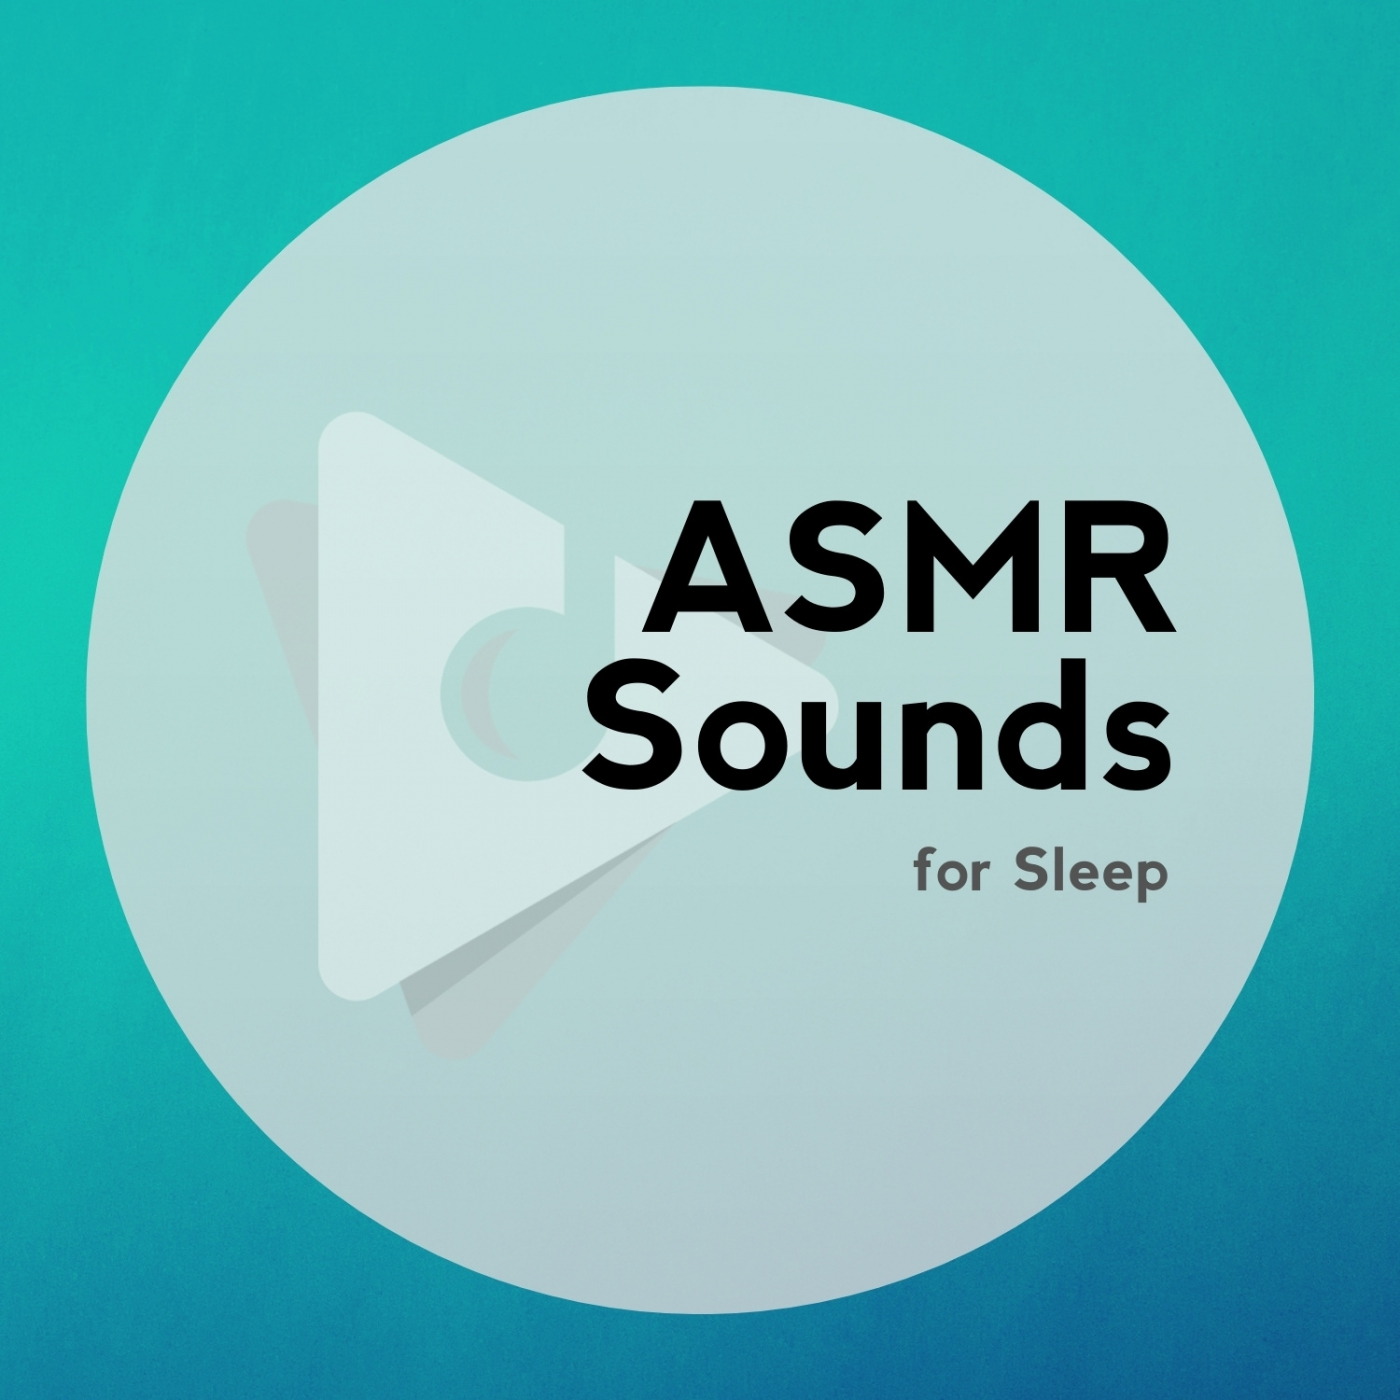 ASMR Sounds for Sleep